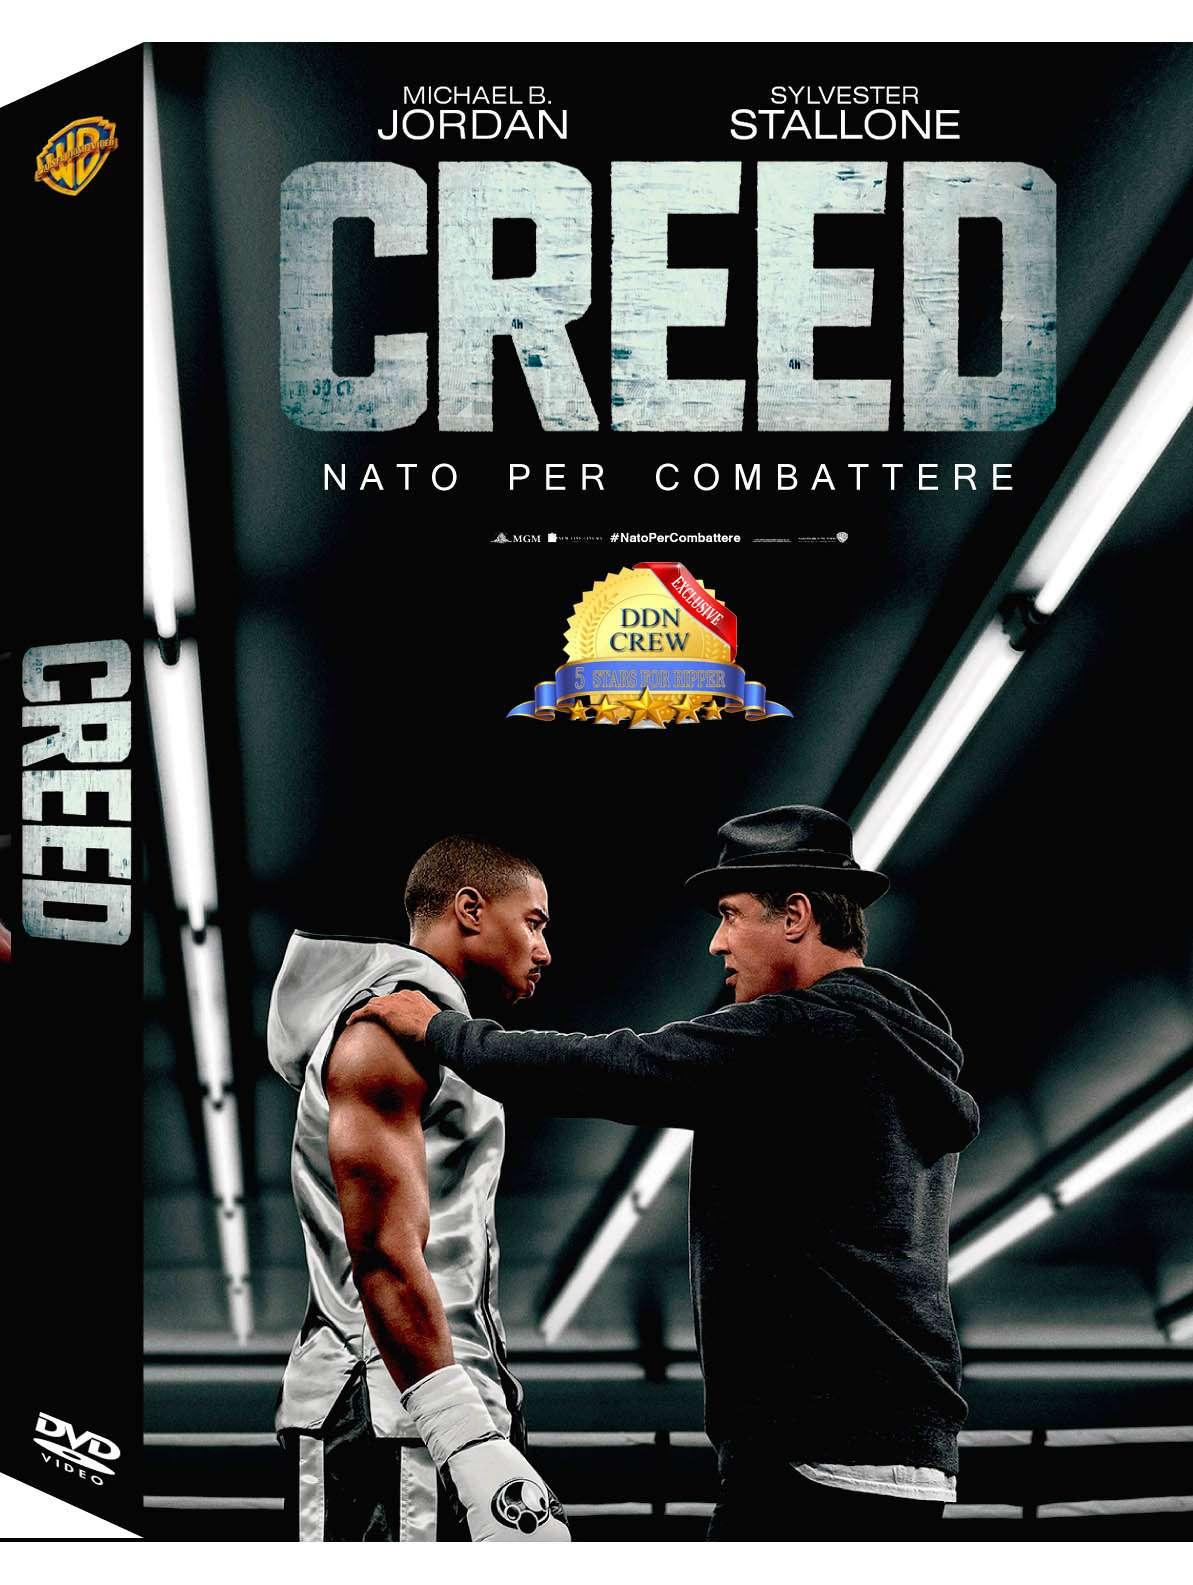 Creed - Nato per combattere (2015) DVD 9 Copia 1:1 ITA ENG MULTI DDL